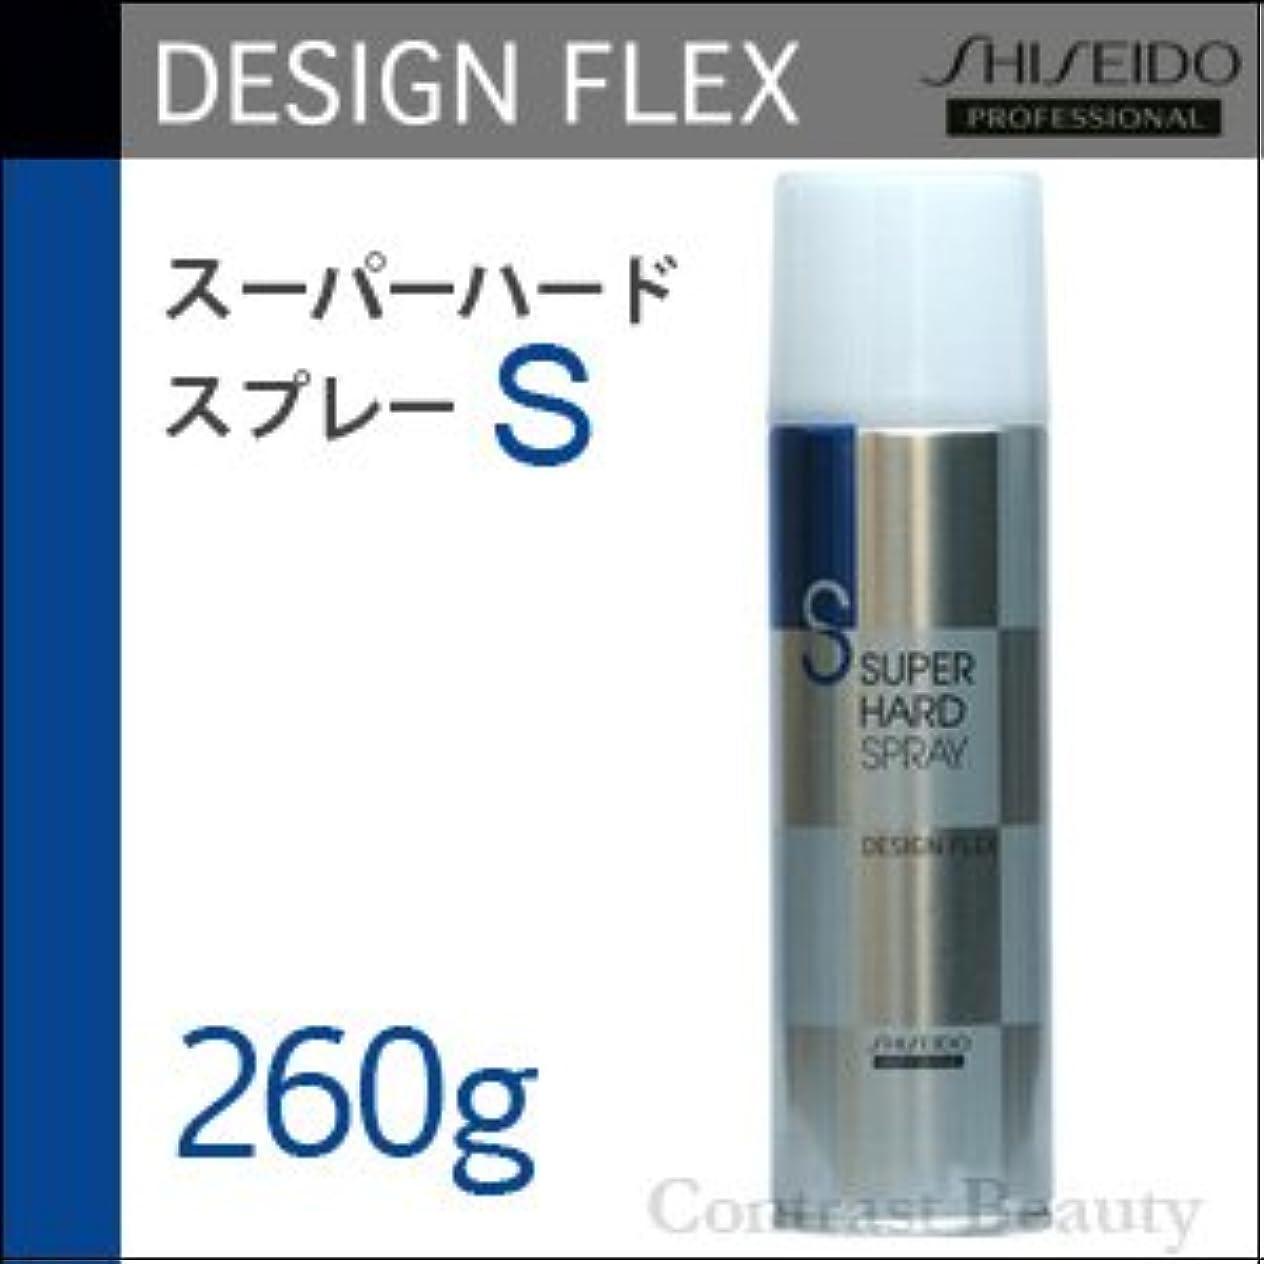 交換護衛稚魚【x3個セット】 資生堂 デザインフレックス スーパーハードスプレー 260g